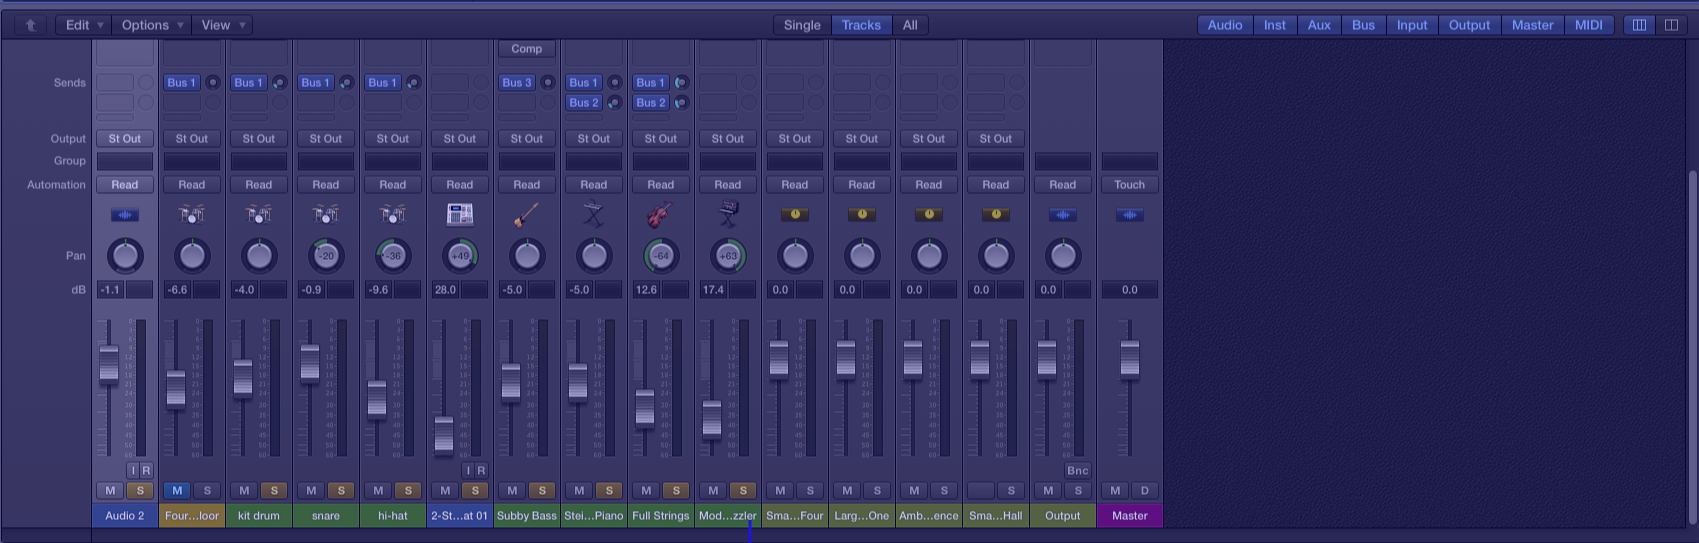 Logic-pro-x-mixer